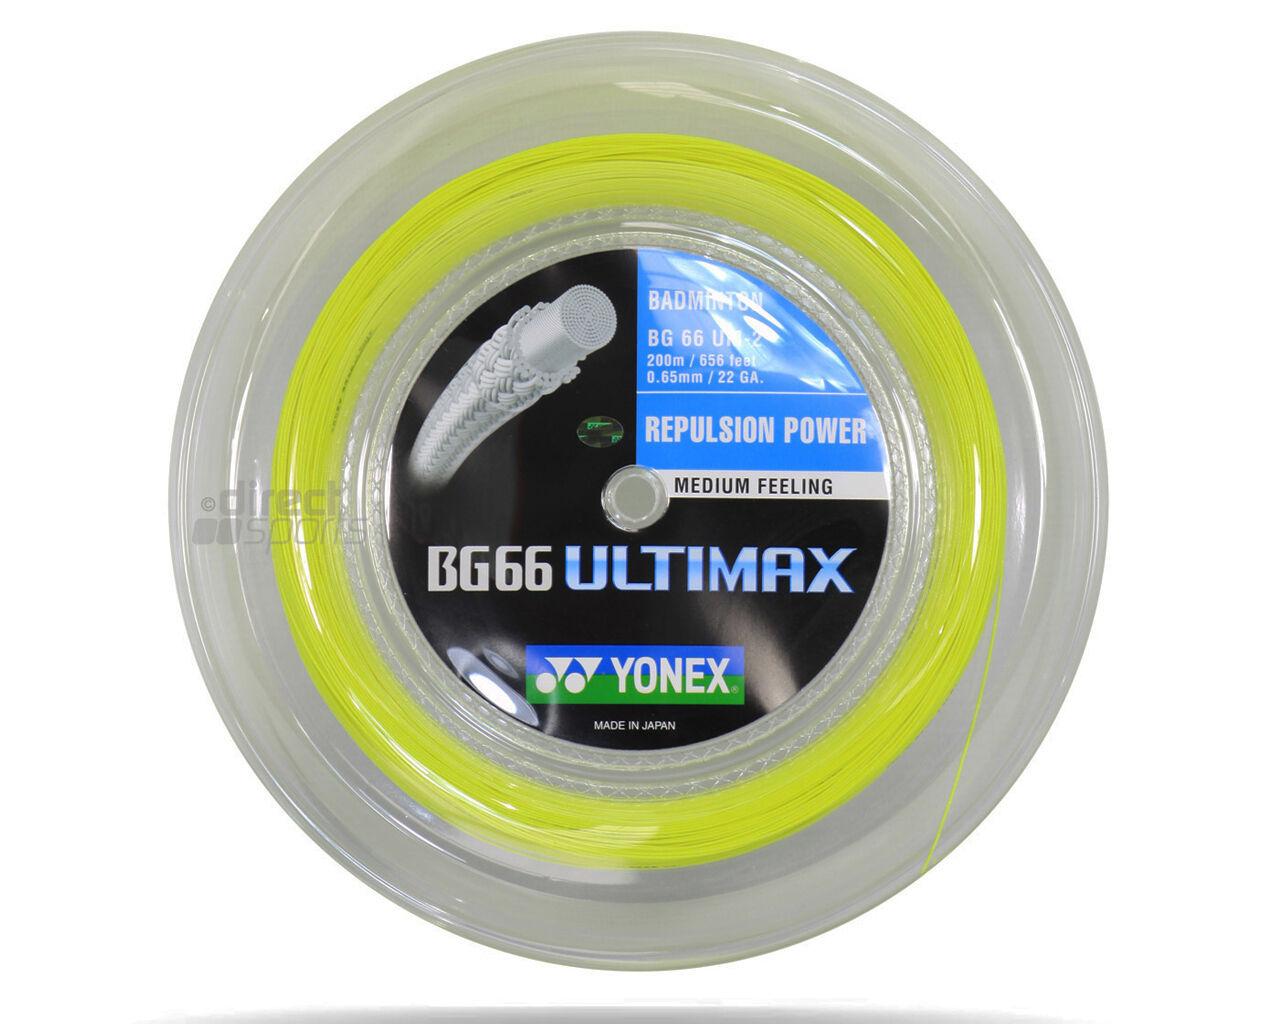 Genuine Yonex BG66 Ultimax Badminton String BG 66 - 200m Reel - Yellow